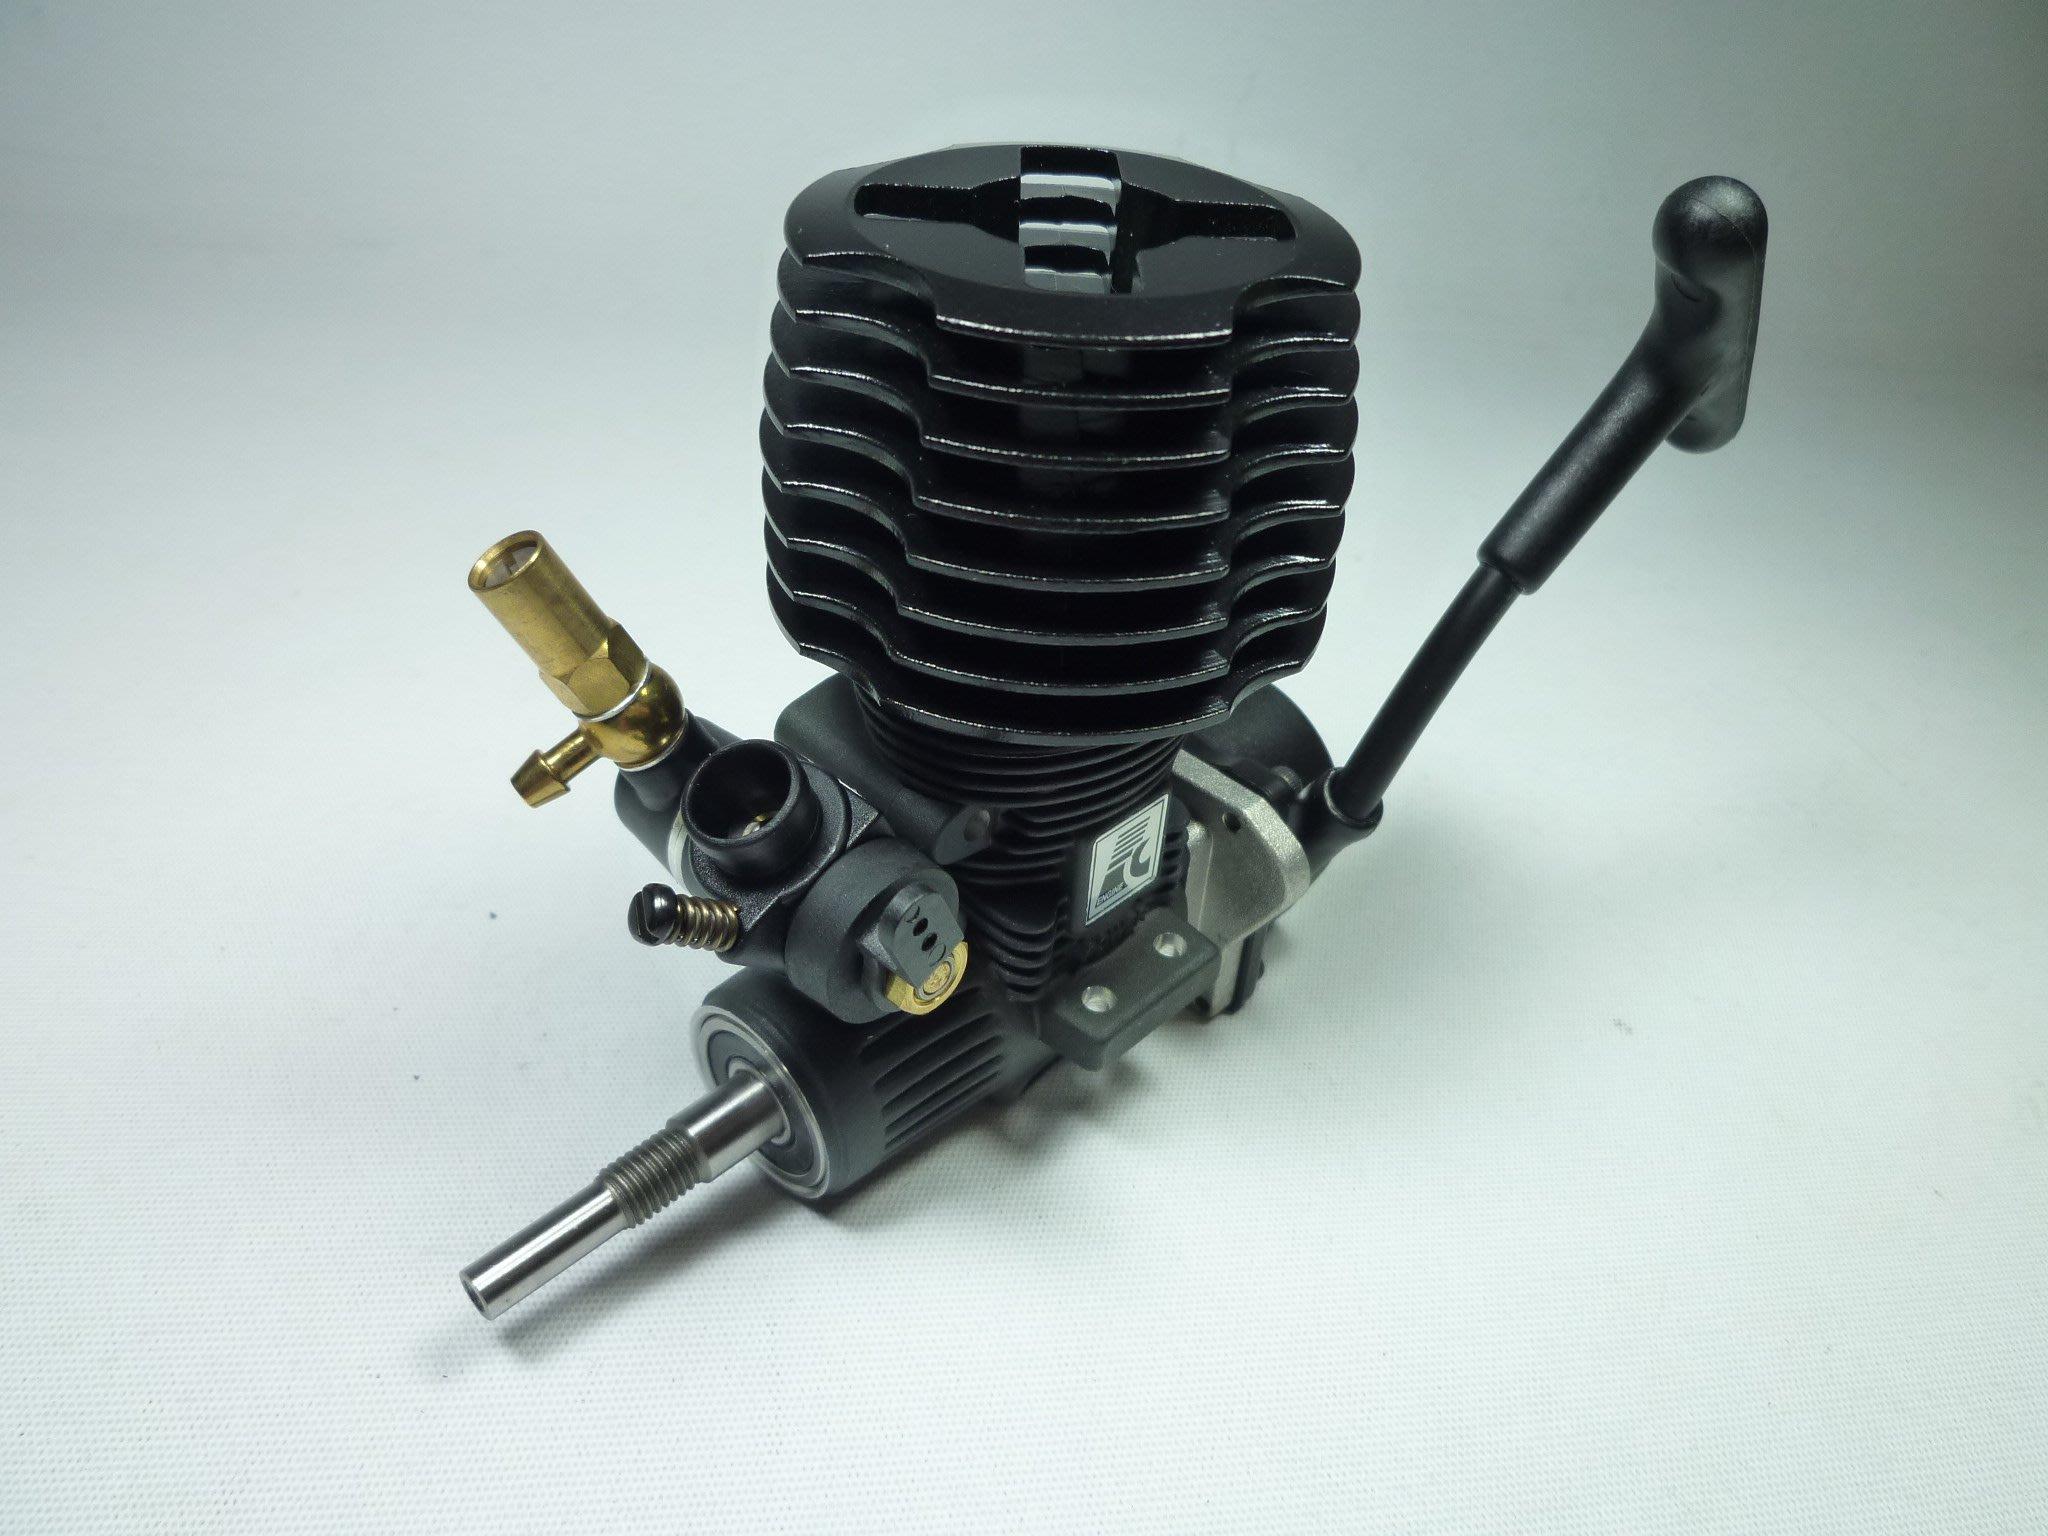 大千遙控模型 FC 18R引擎(側排) 1/10 房車/越野/大腳車適用